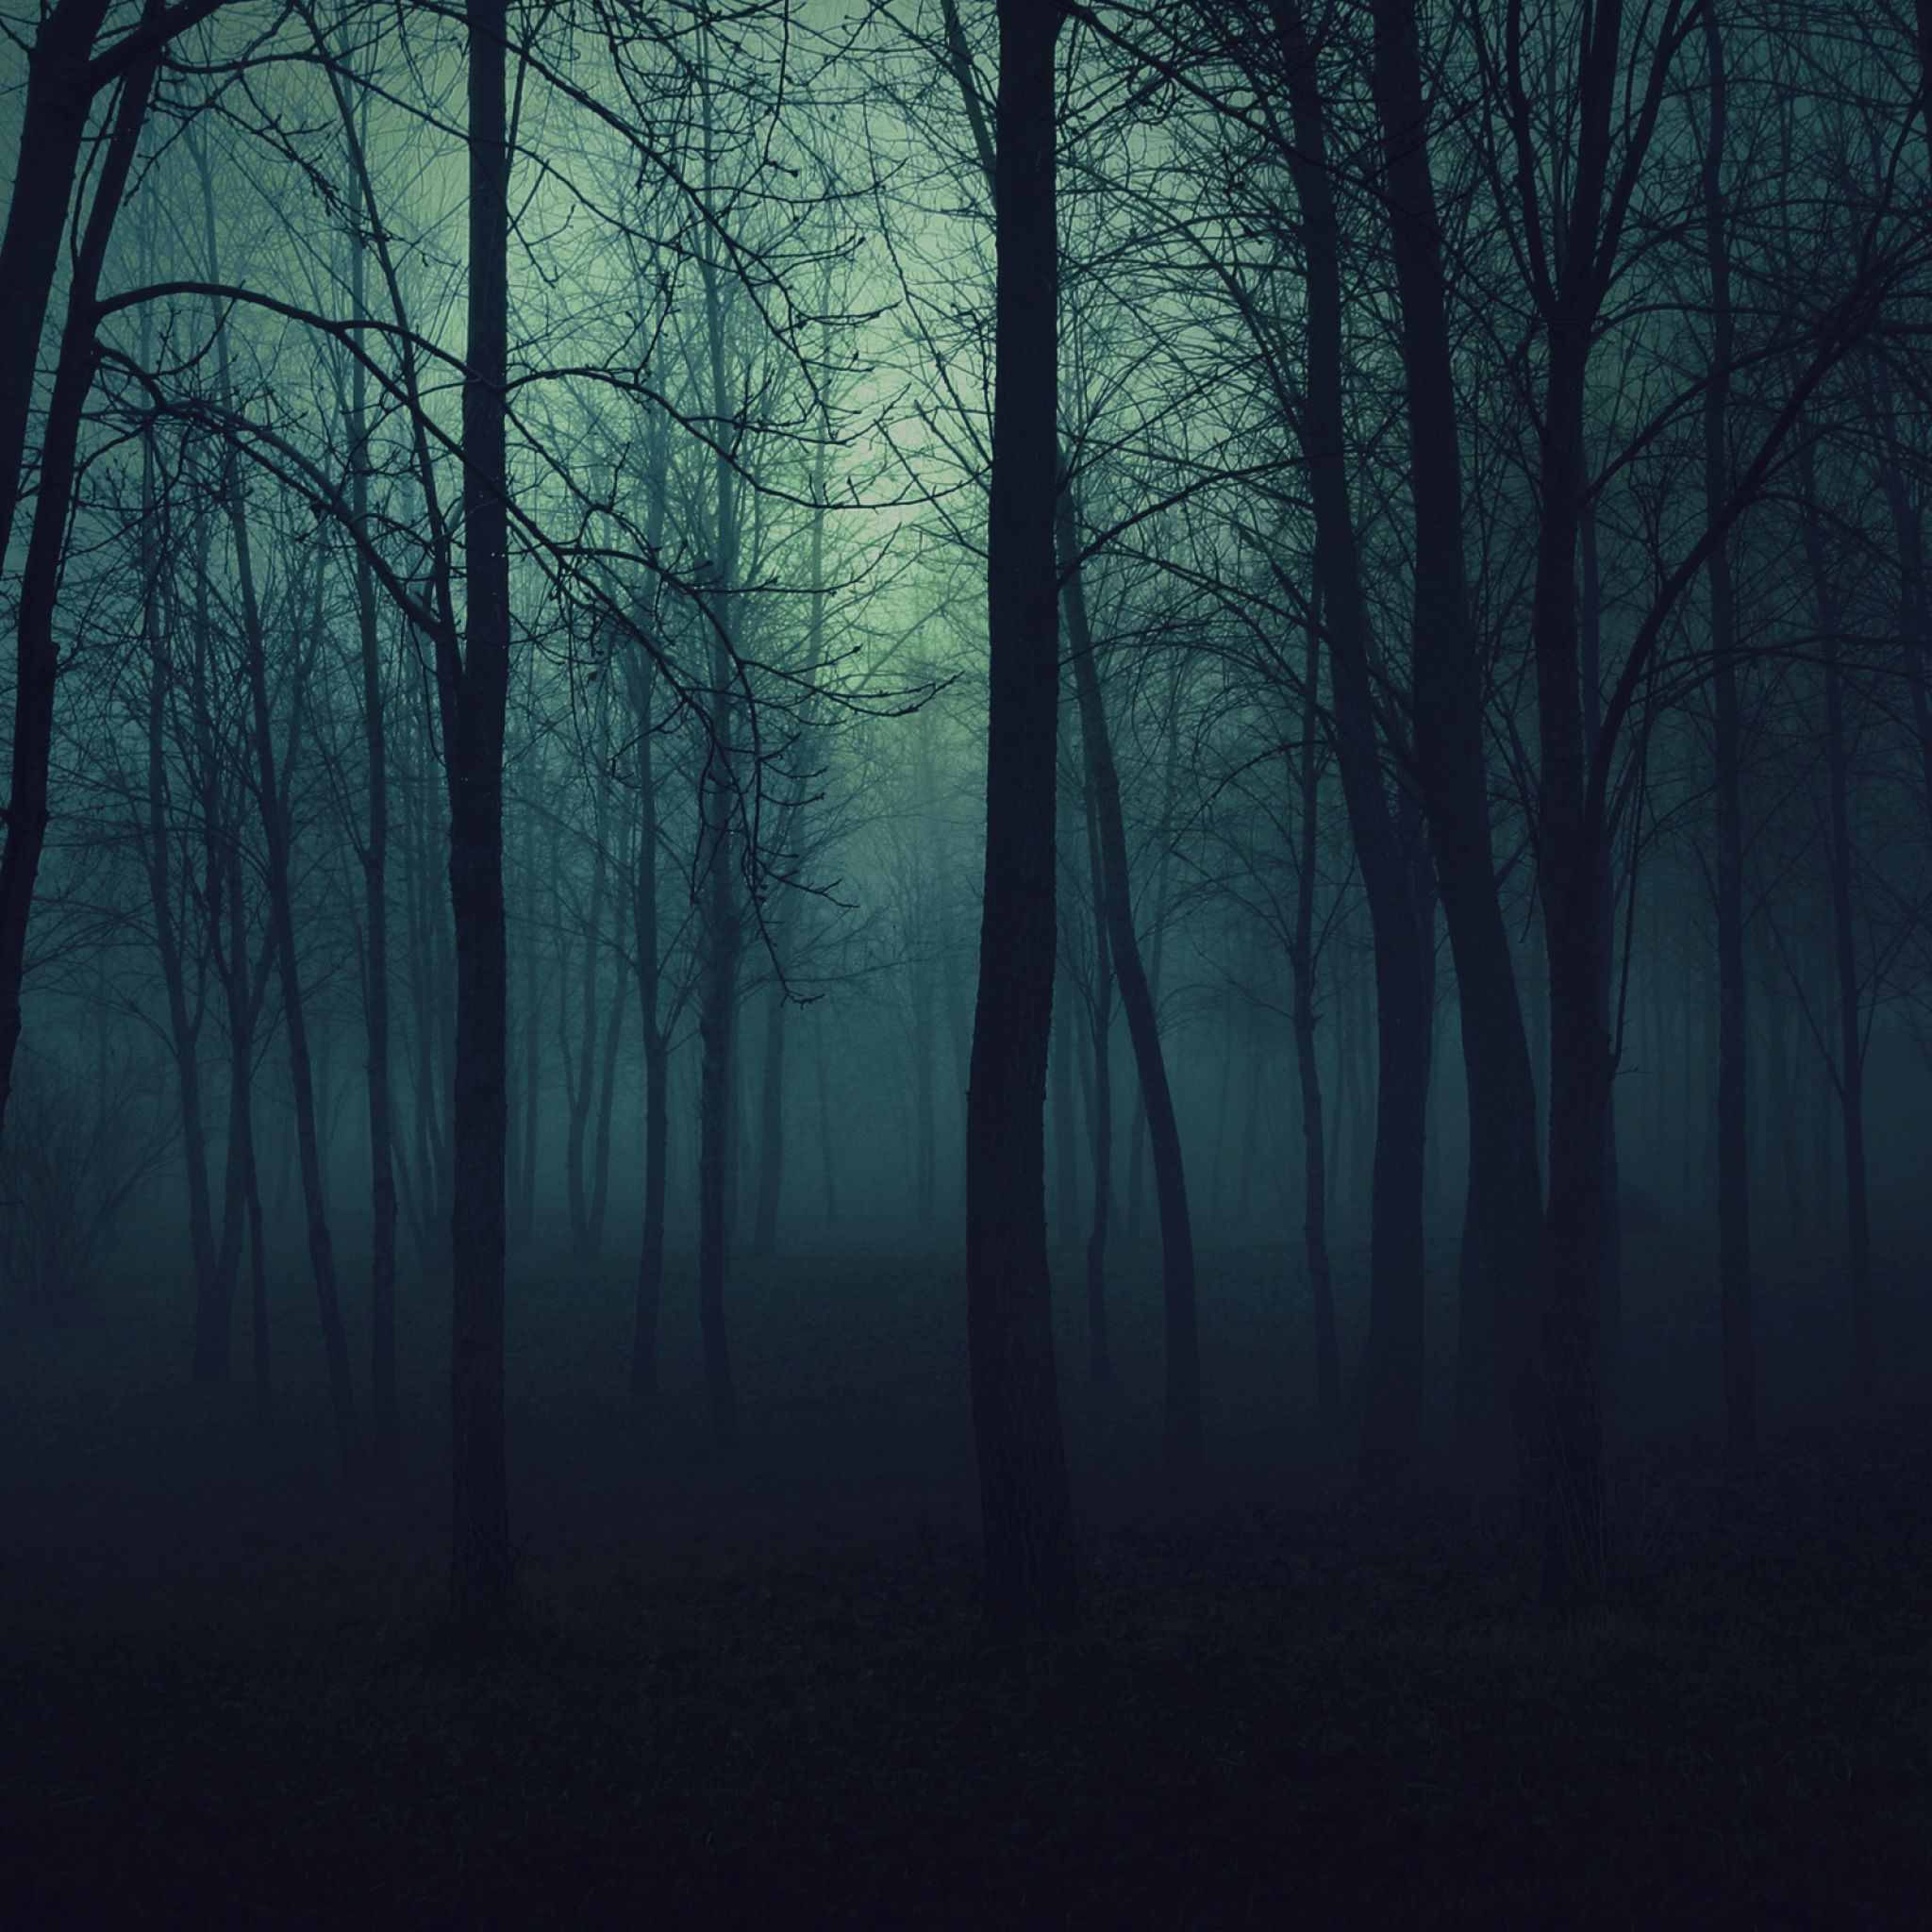 2048x2048 wallpaper madeira, árvores, sombrio, nevoeiro, névoa